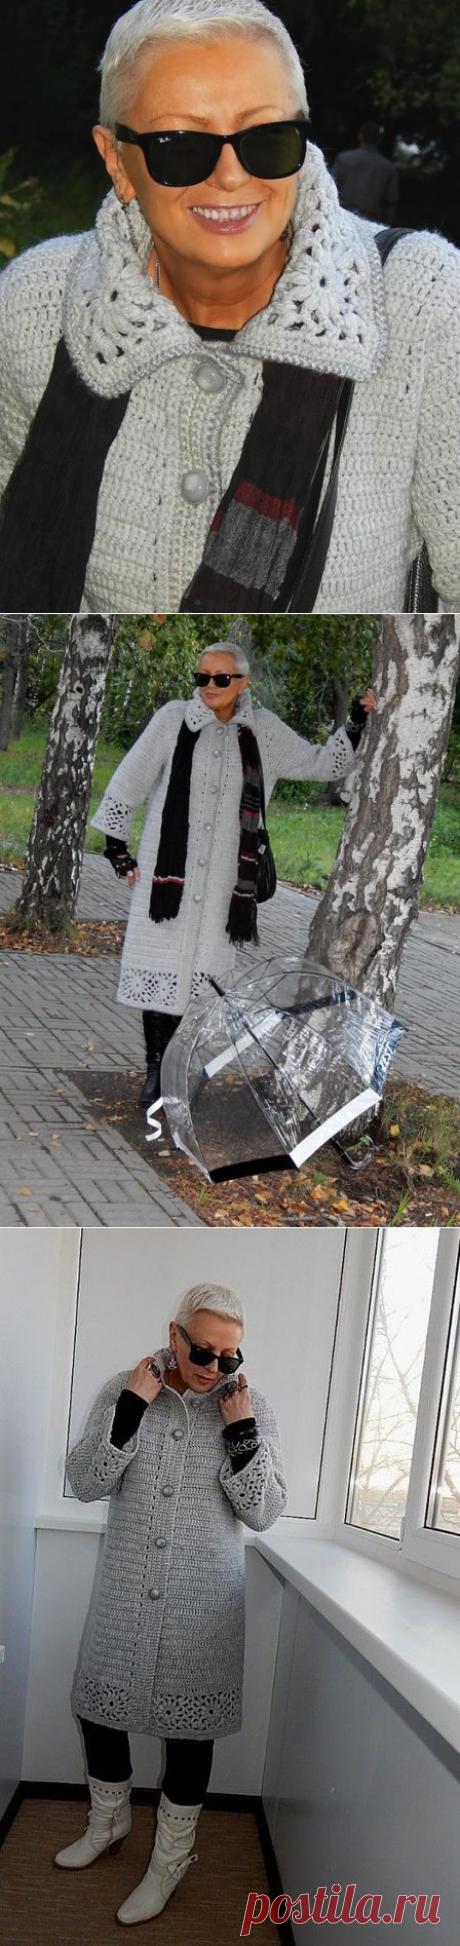 Элегантное пальто от Натальи Филипповой. Приблизительная схема цветочного мотива